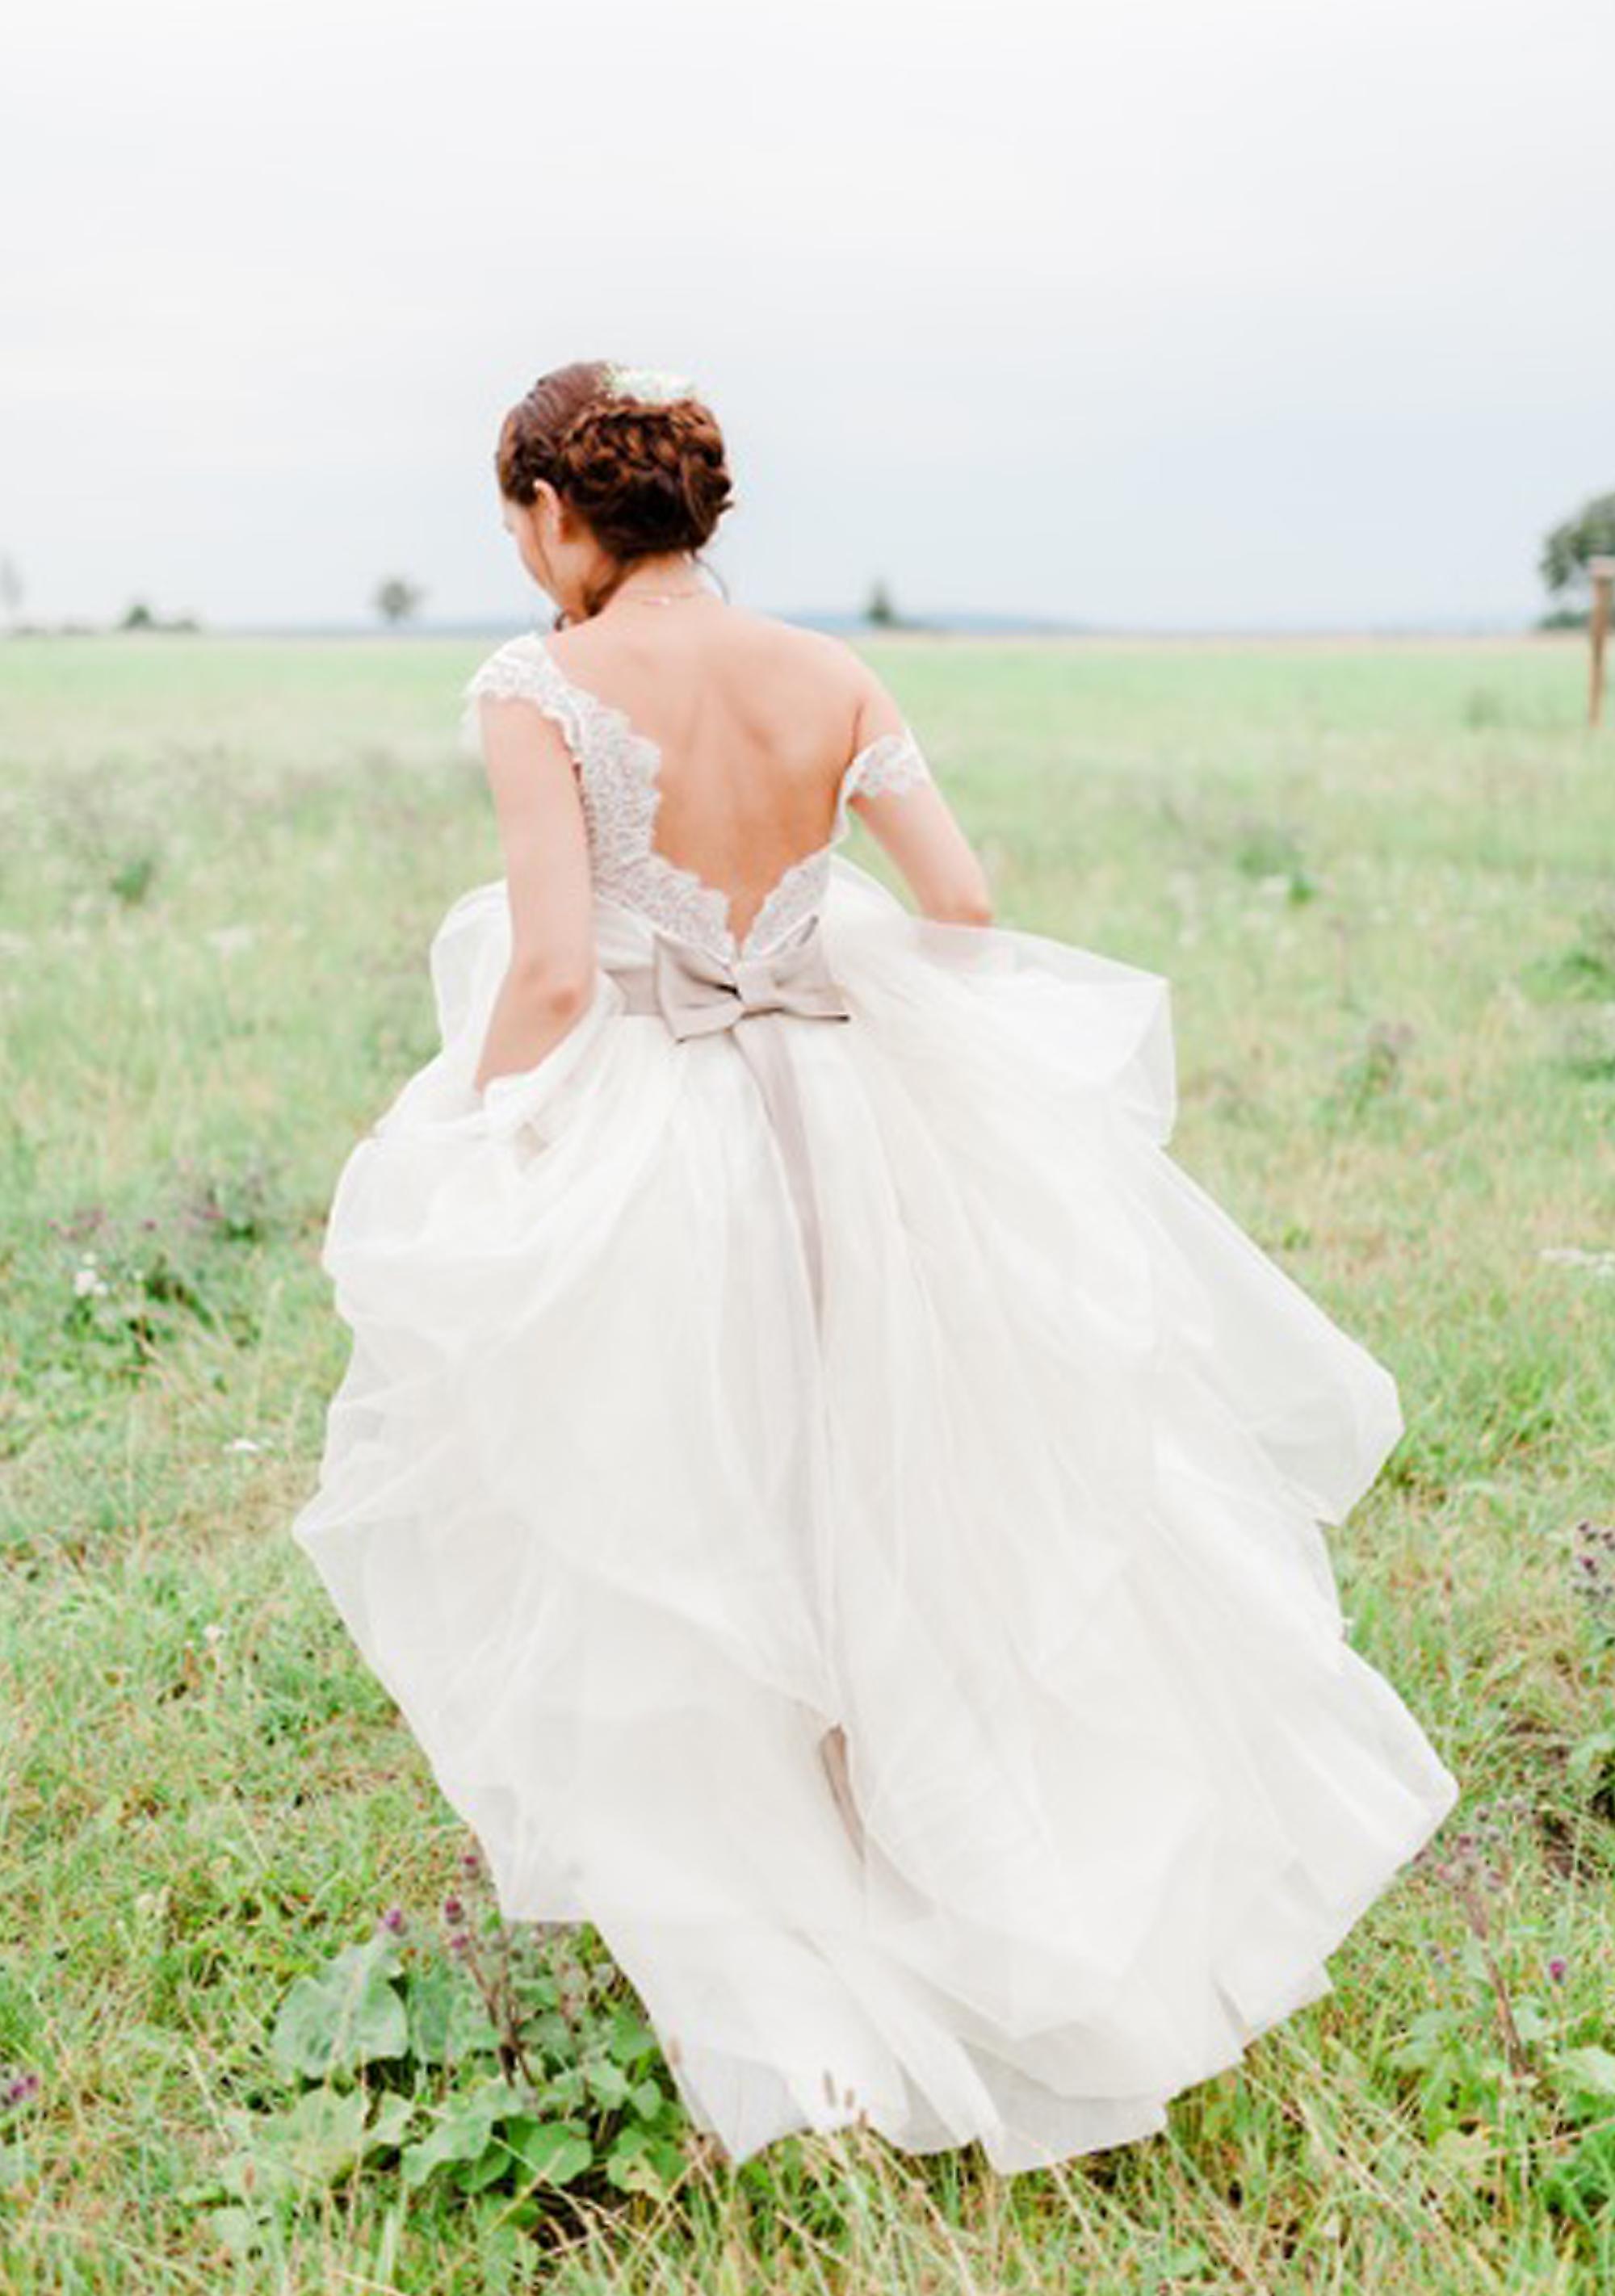 Eine Hochzeit im Grünen in einem Brautkleid von ANNE WOLF